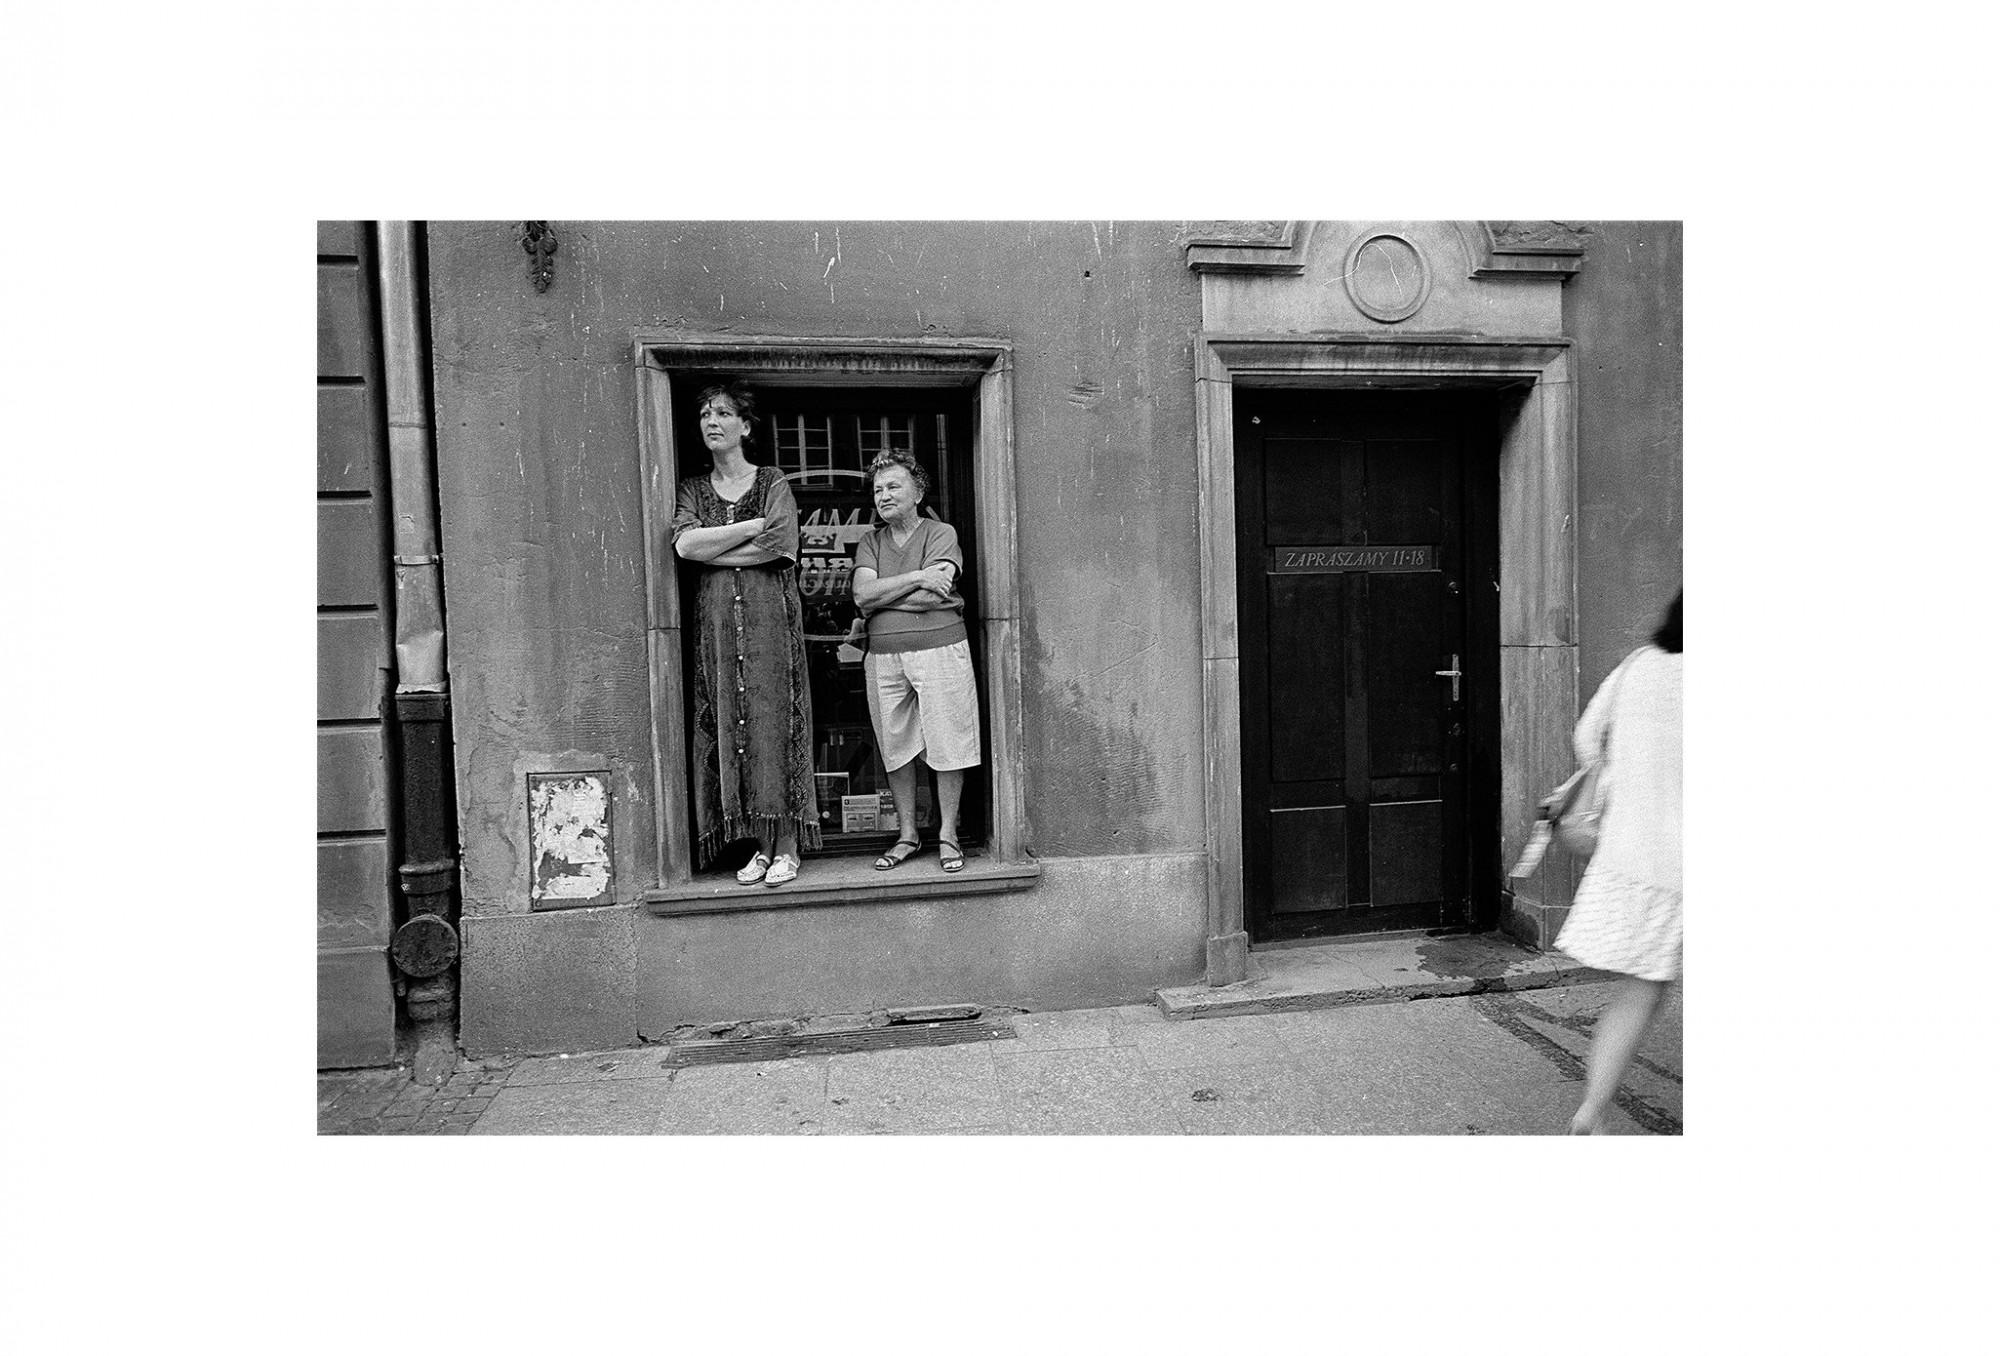 Afbeelding: Uit de reeks : Polen, een kast op glazen poten, 95-16-22, Gdansk,  © Dominique Van Huffel.